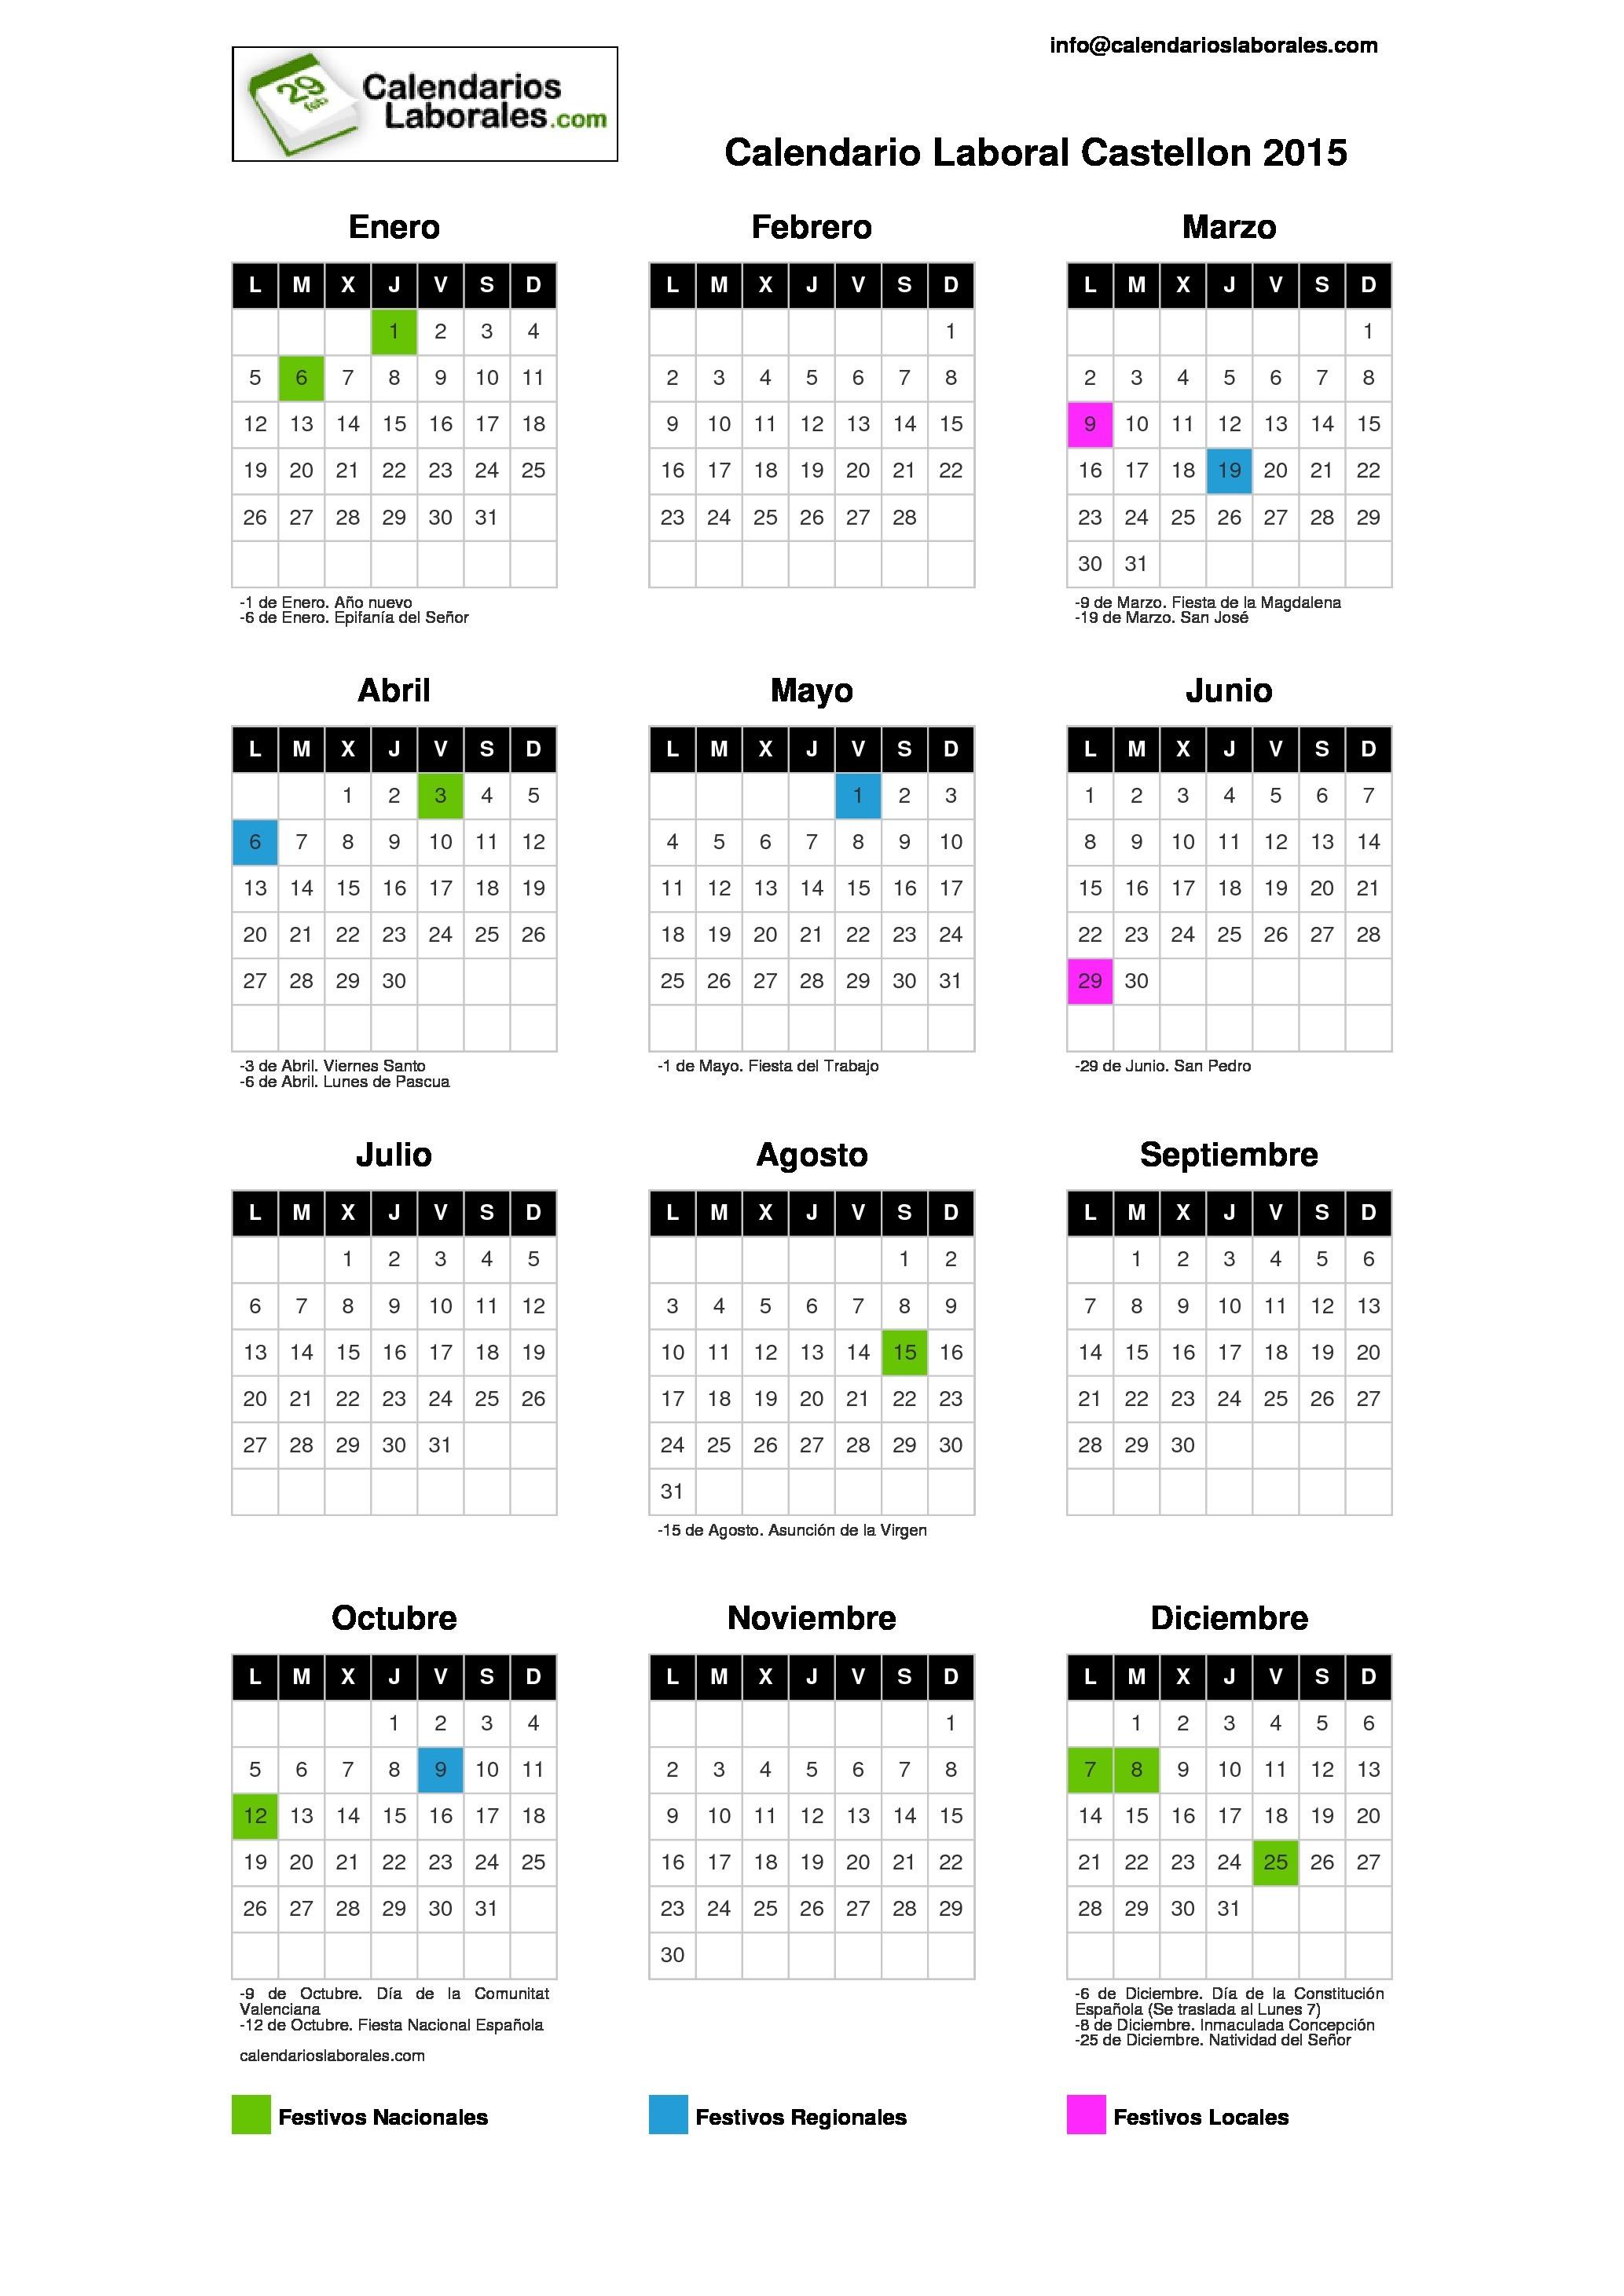 Calendario 2019 Y 2020 Con Festivos Para Colombia.Noticias Calendar 2019 Colombia Festivos 2020 Calendario 2019